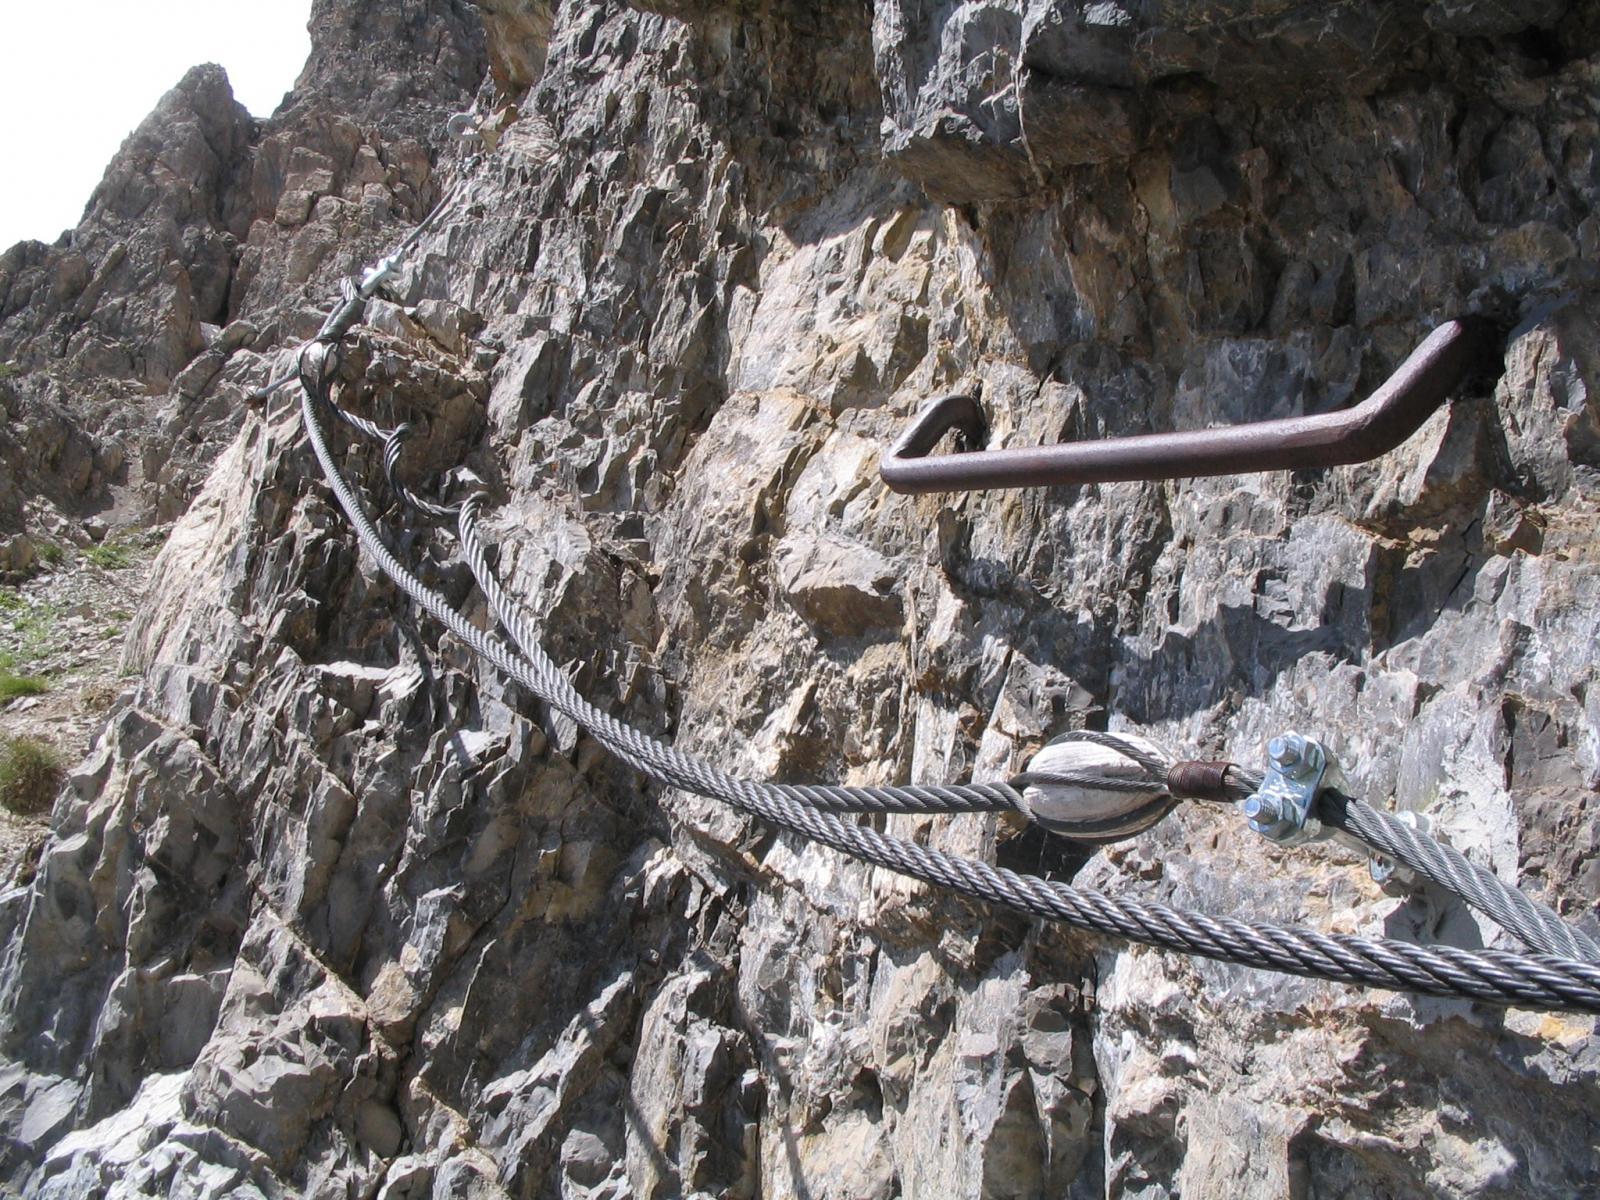 Un dettaglio del cavo magnificamente restaurato. Notare il chiodo nuovo scintillante e il maniglione di epoche passate.